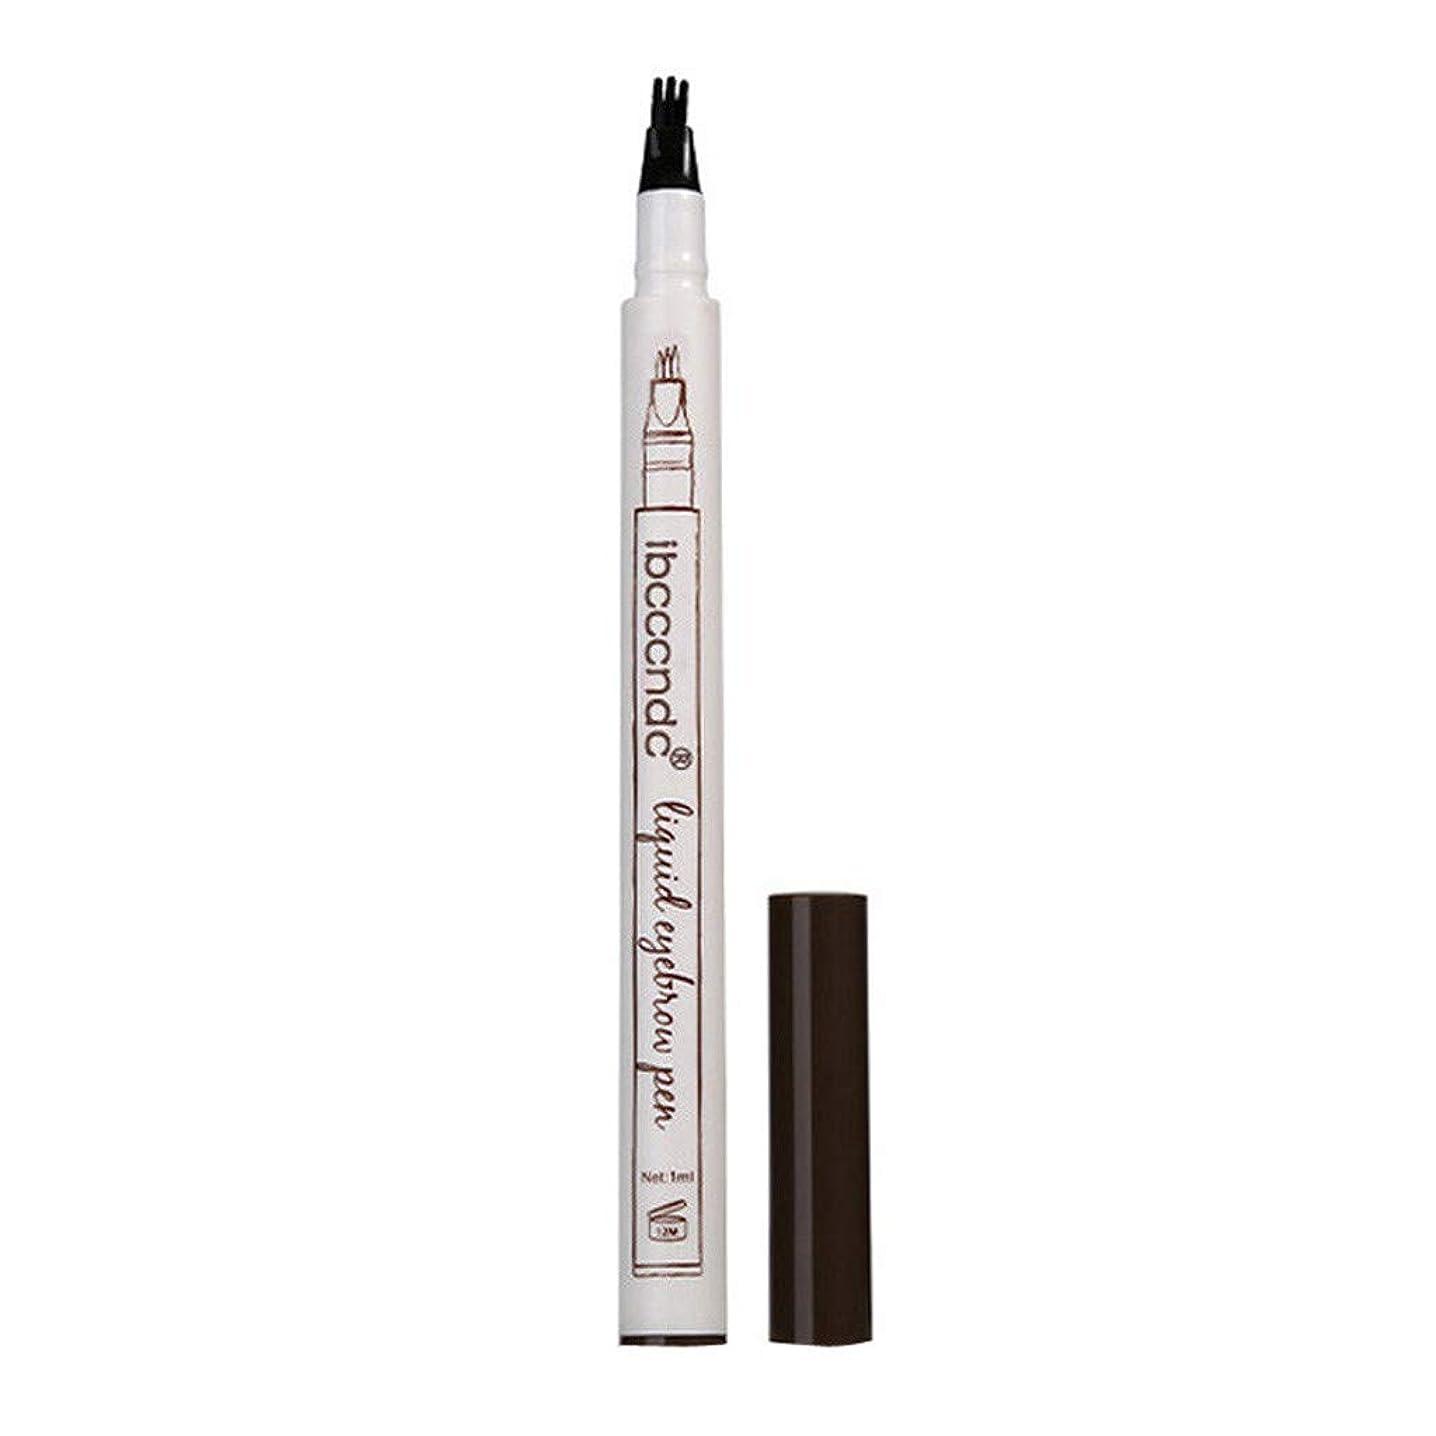 膨らませる故意の胆嚢3本眉タトゥーペン防水フォークチップスケッチ化粧ペンマイクロブレードインク